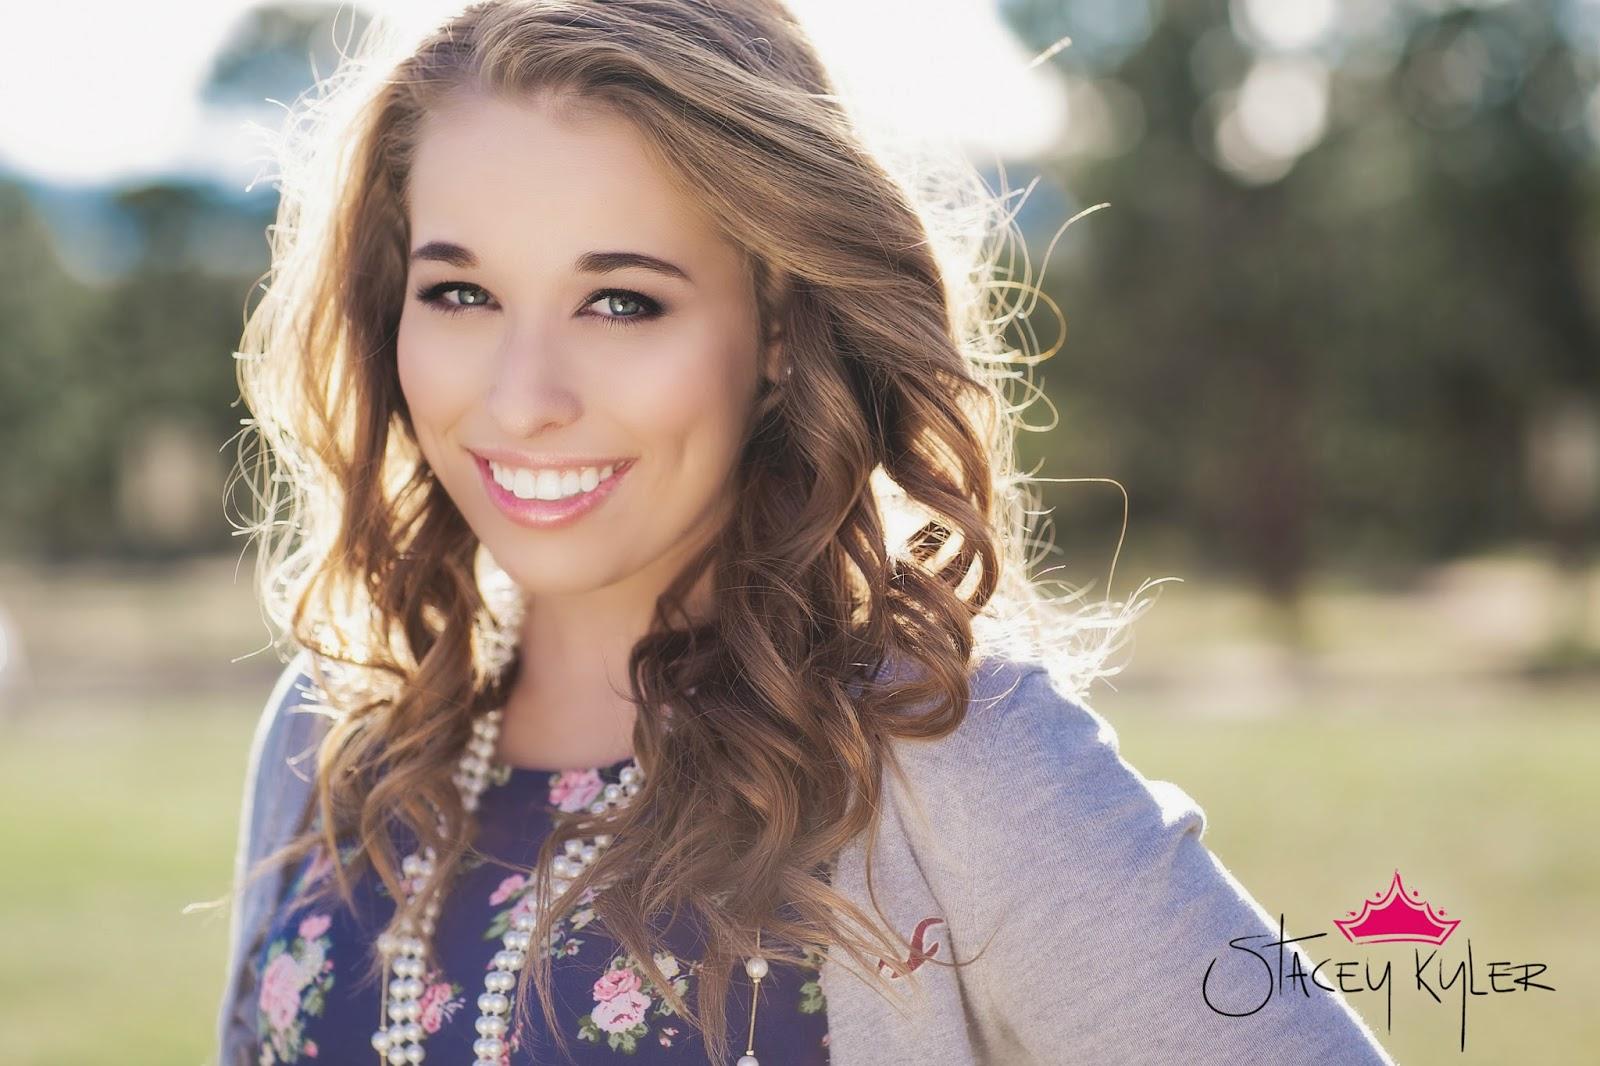 Stacey Kyler Seniors: Denver Senior Photographer: 2015